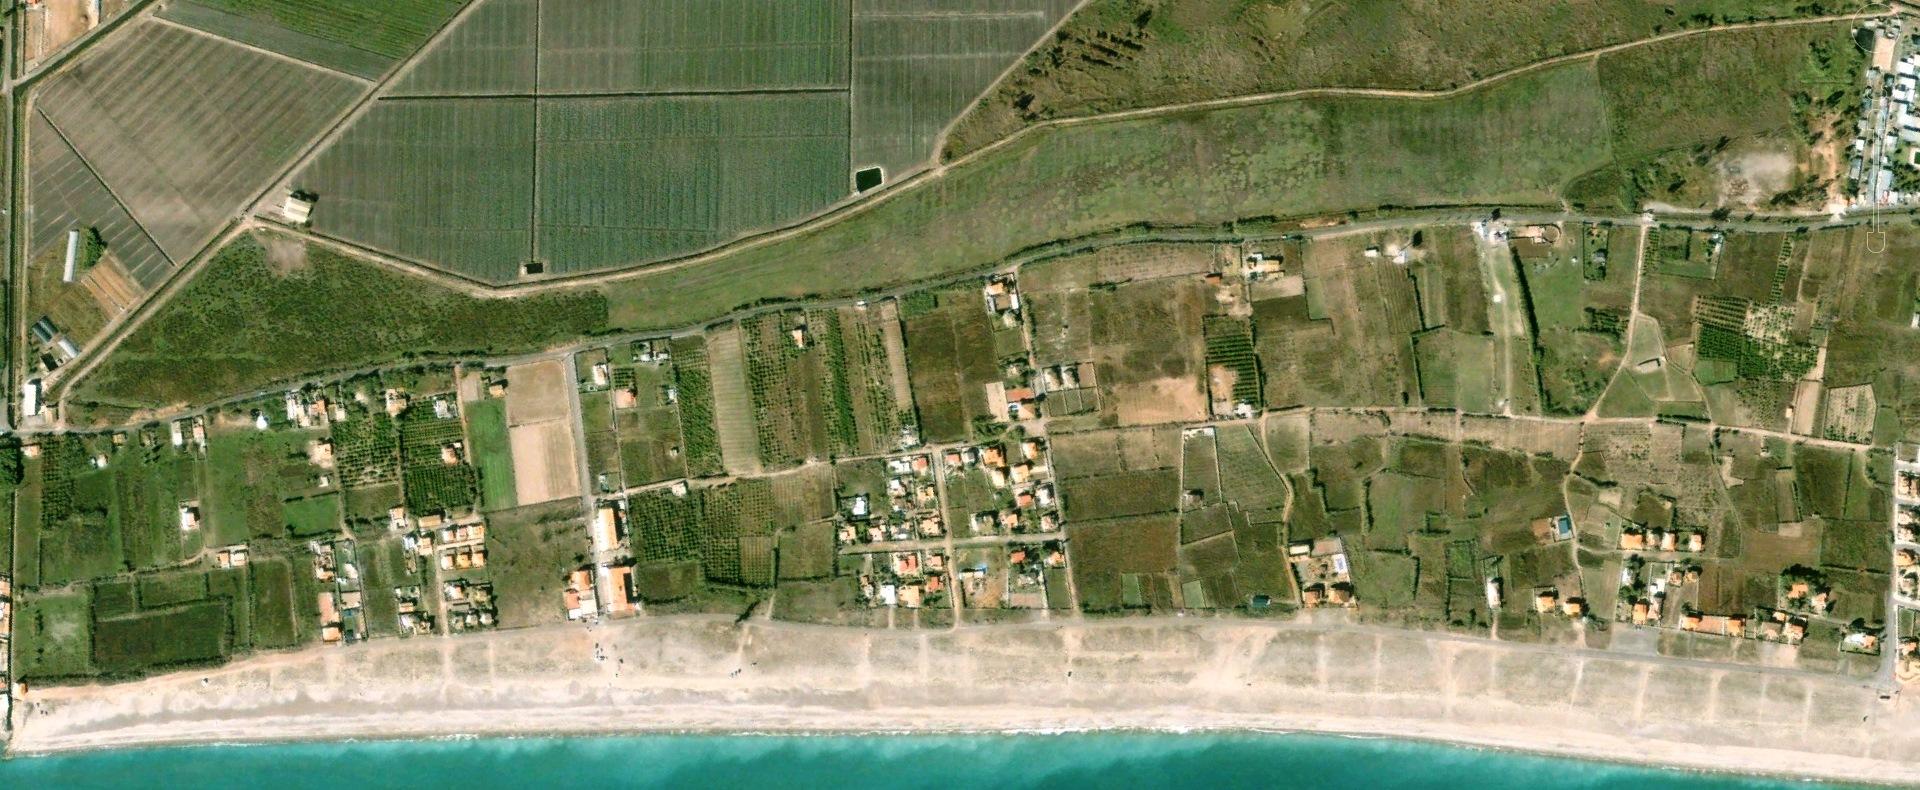 antes, urbanismo, foto aérea, desastre, urbanístico, planeamiento, urbano, construcción, costa, Almenara, Castellón